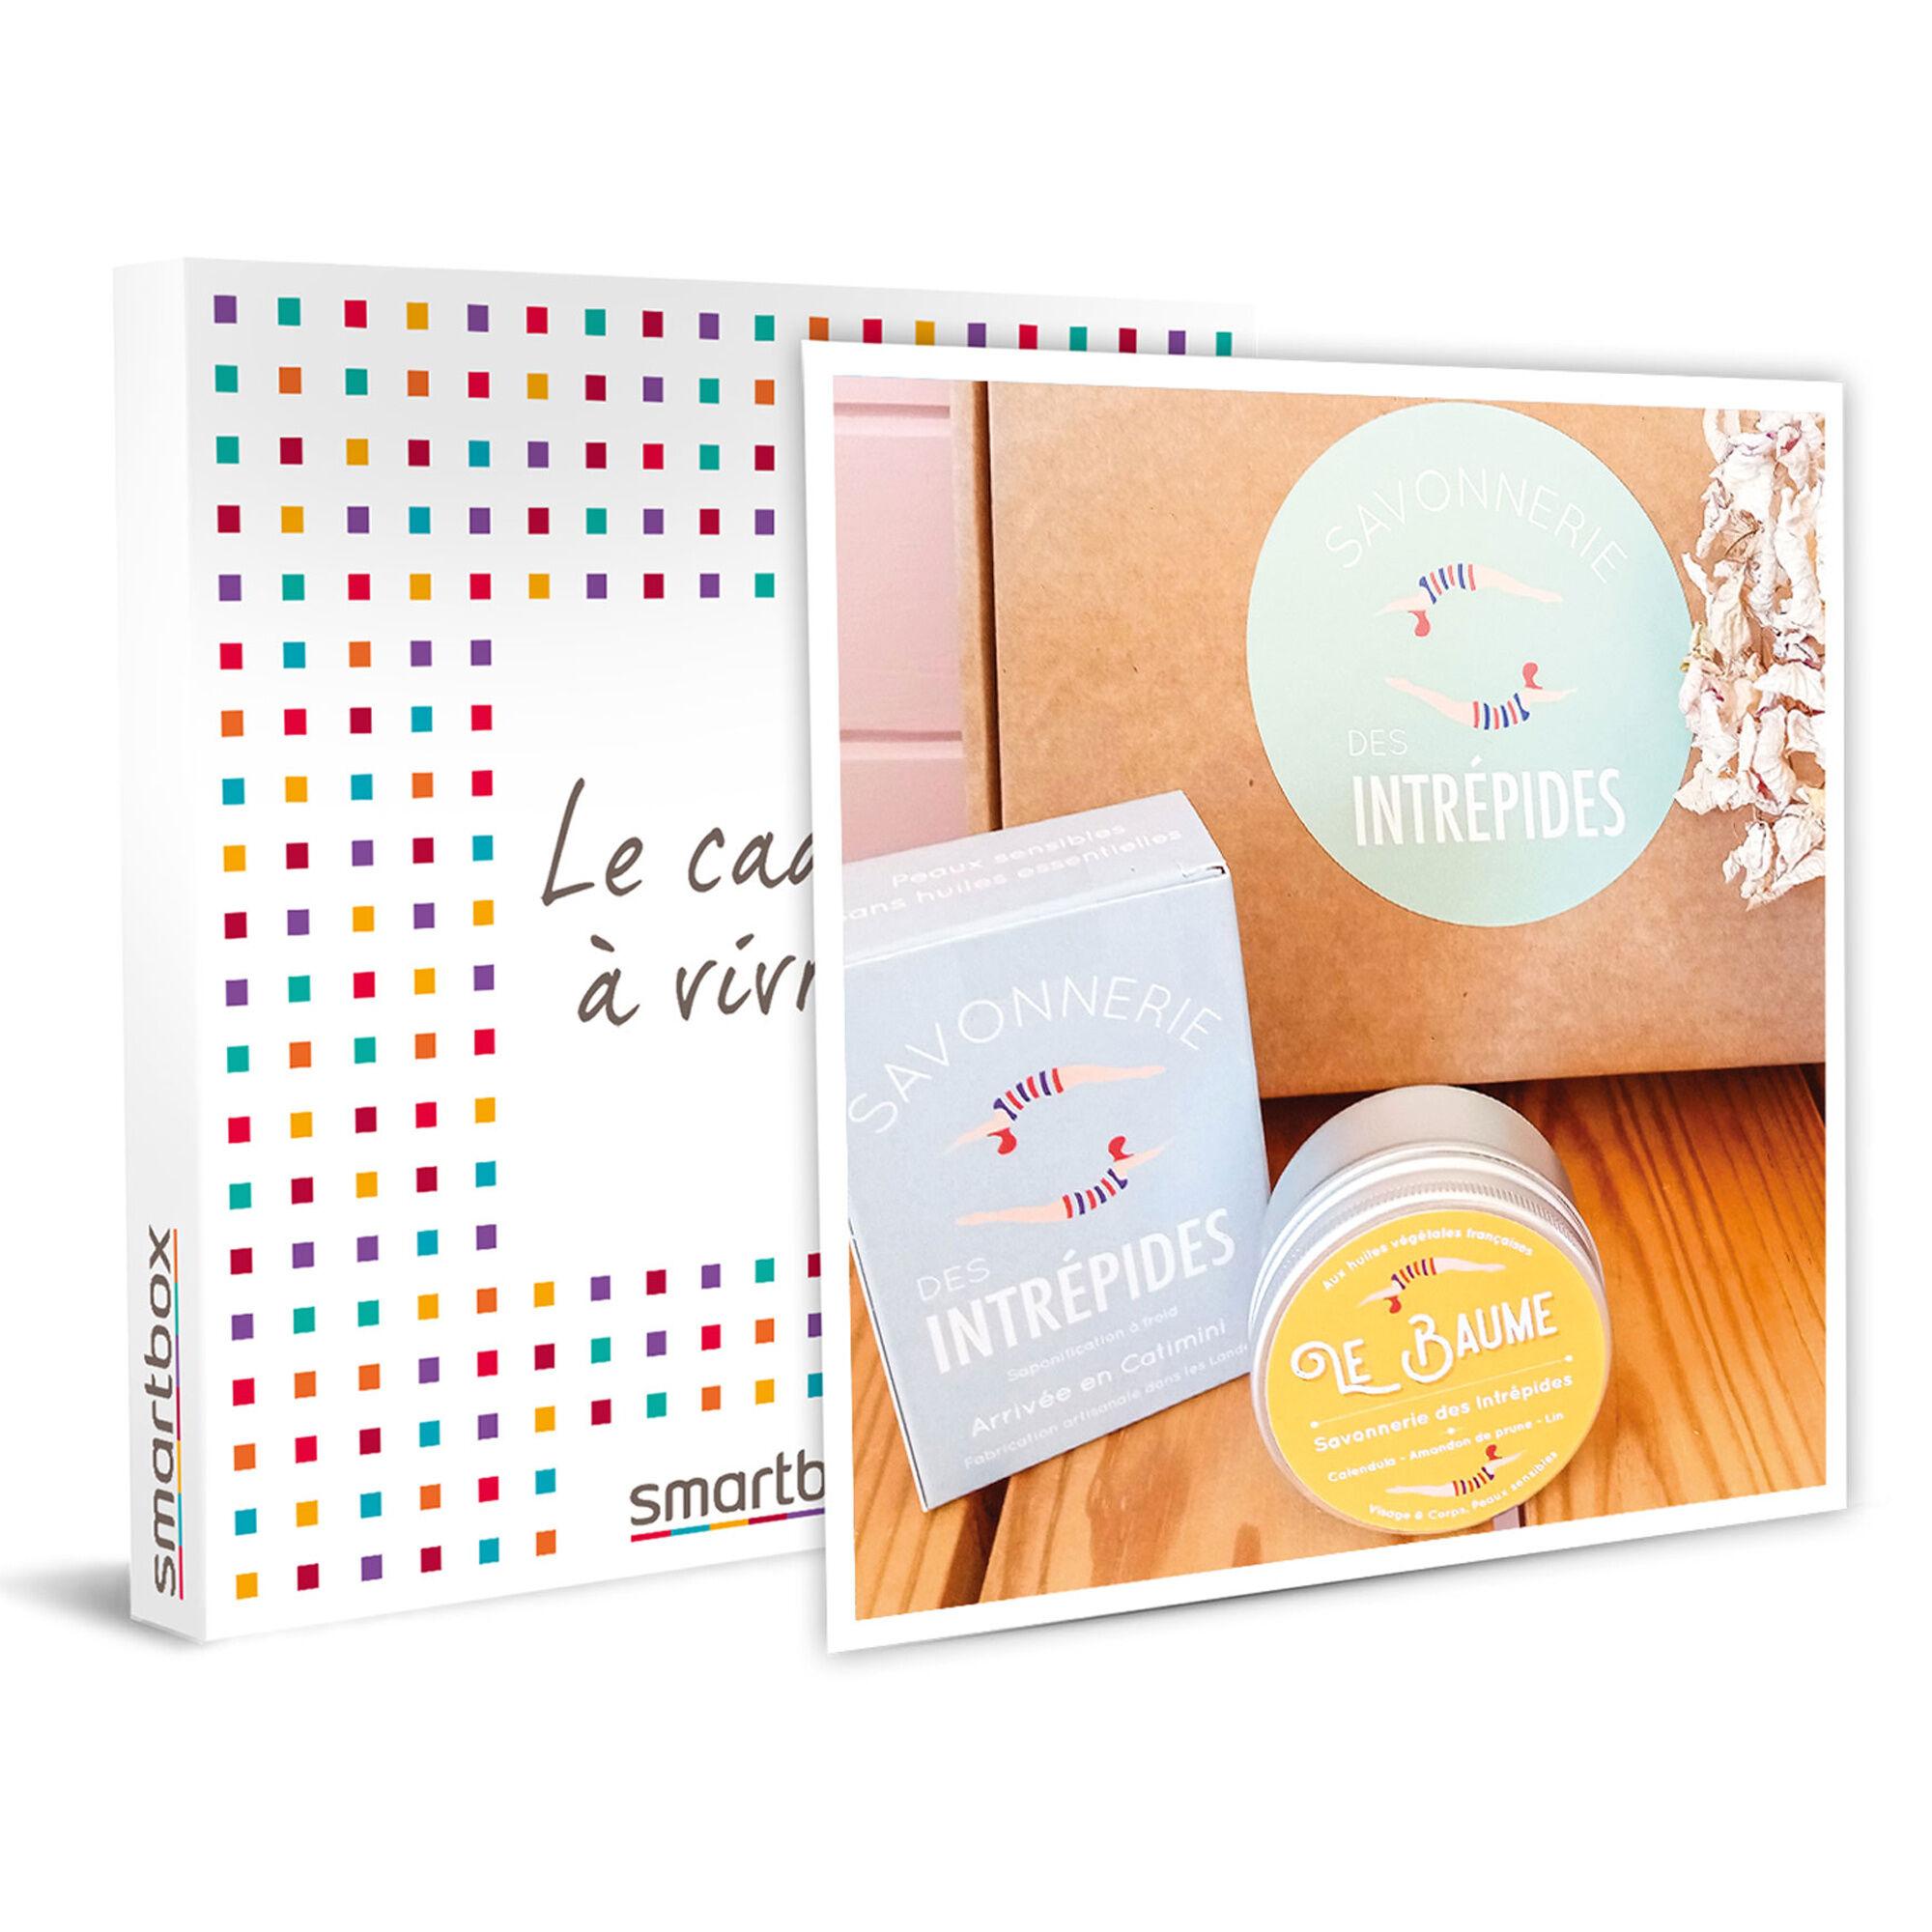 Smartbox Produits bien-être artisanaux et authentiques Coffret cadeau Smartbox